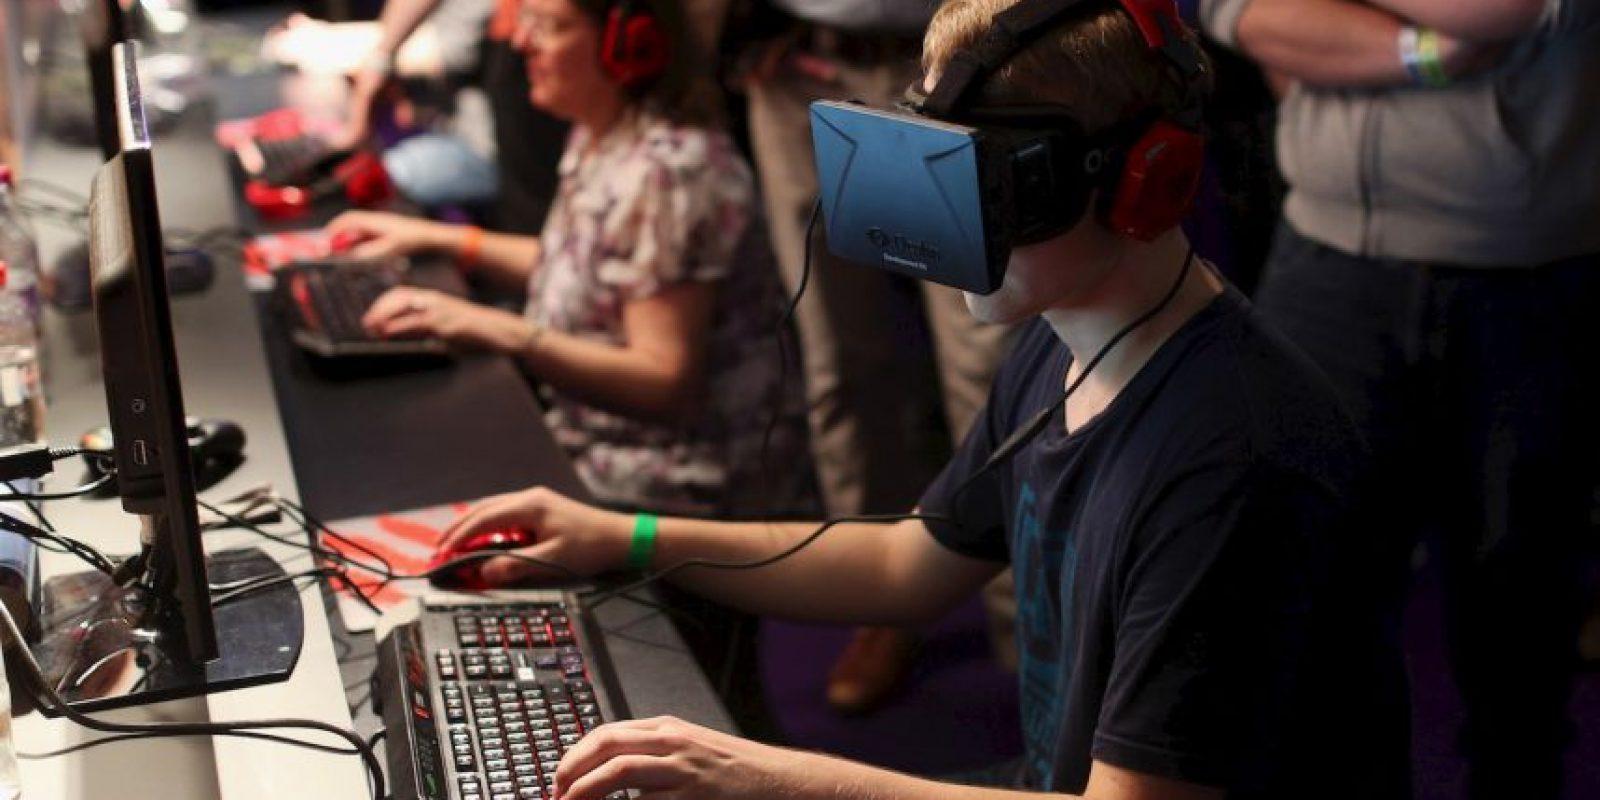 Los lentes de realidad virtual aparecieron por vez primera en la década de los 90. Principalmente fueron diseñados para los videojuegos. Foto:Getty